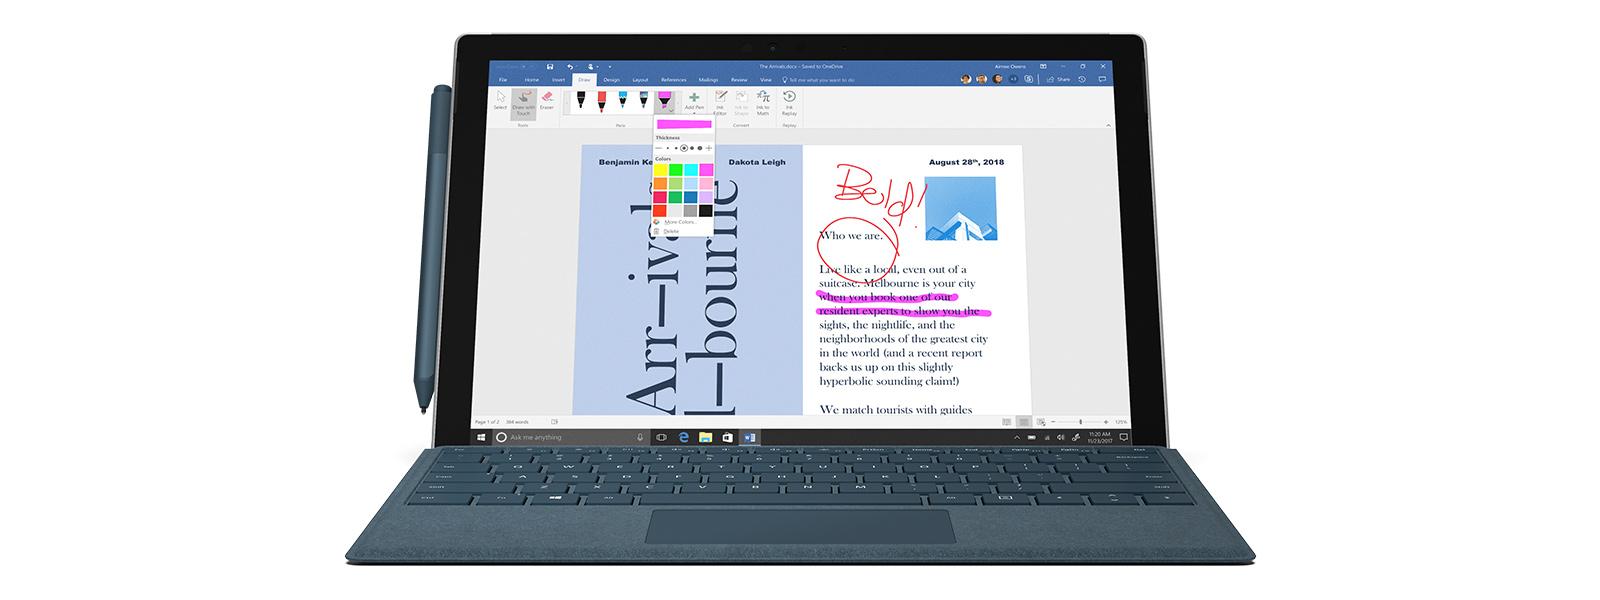 Пристрій Surface Pro з демонстрацією використання пера на екрані Paint 3D